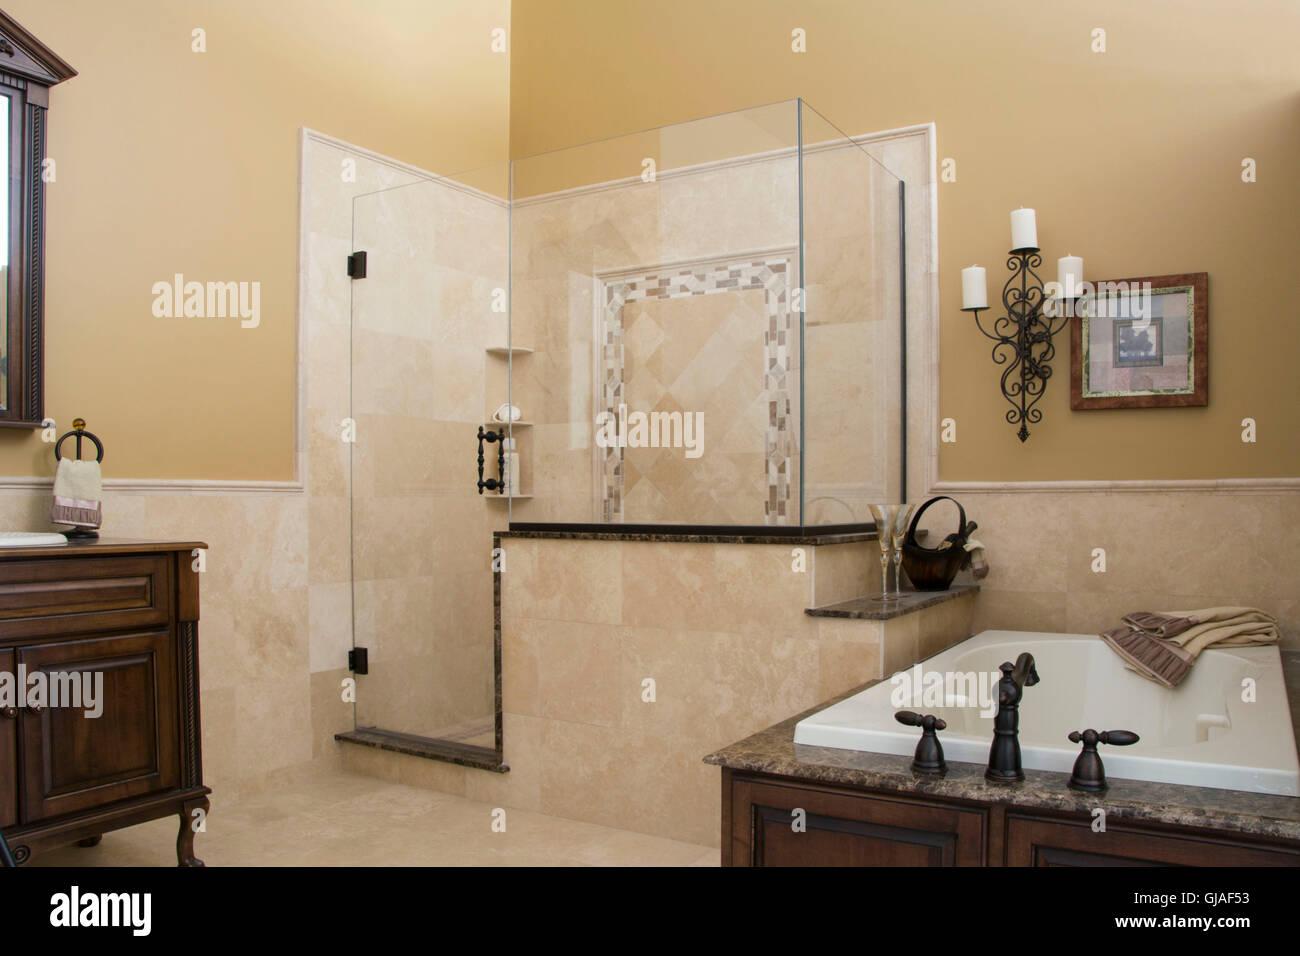 Una moderna stanza da bagno doccia toeletta e vasca da bagno foto